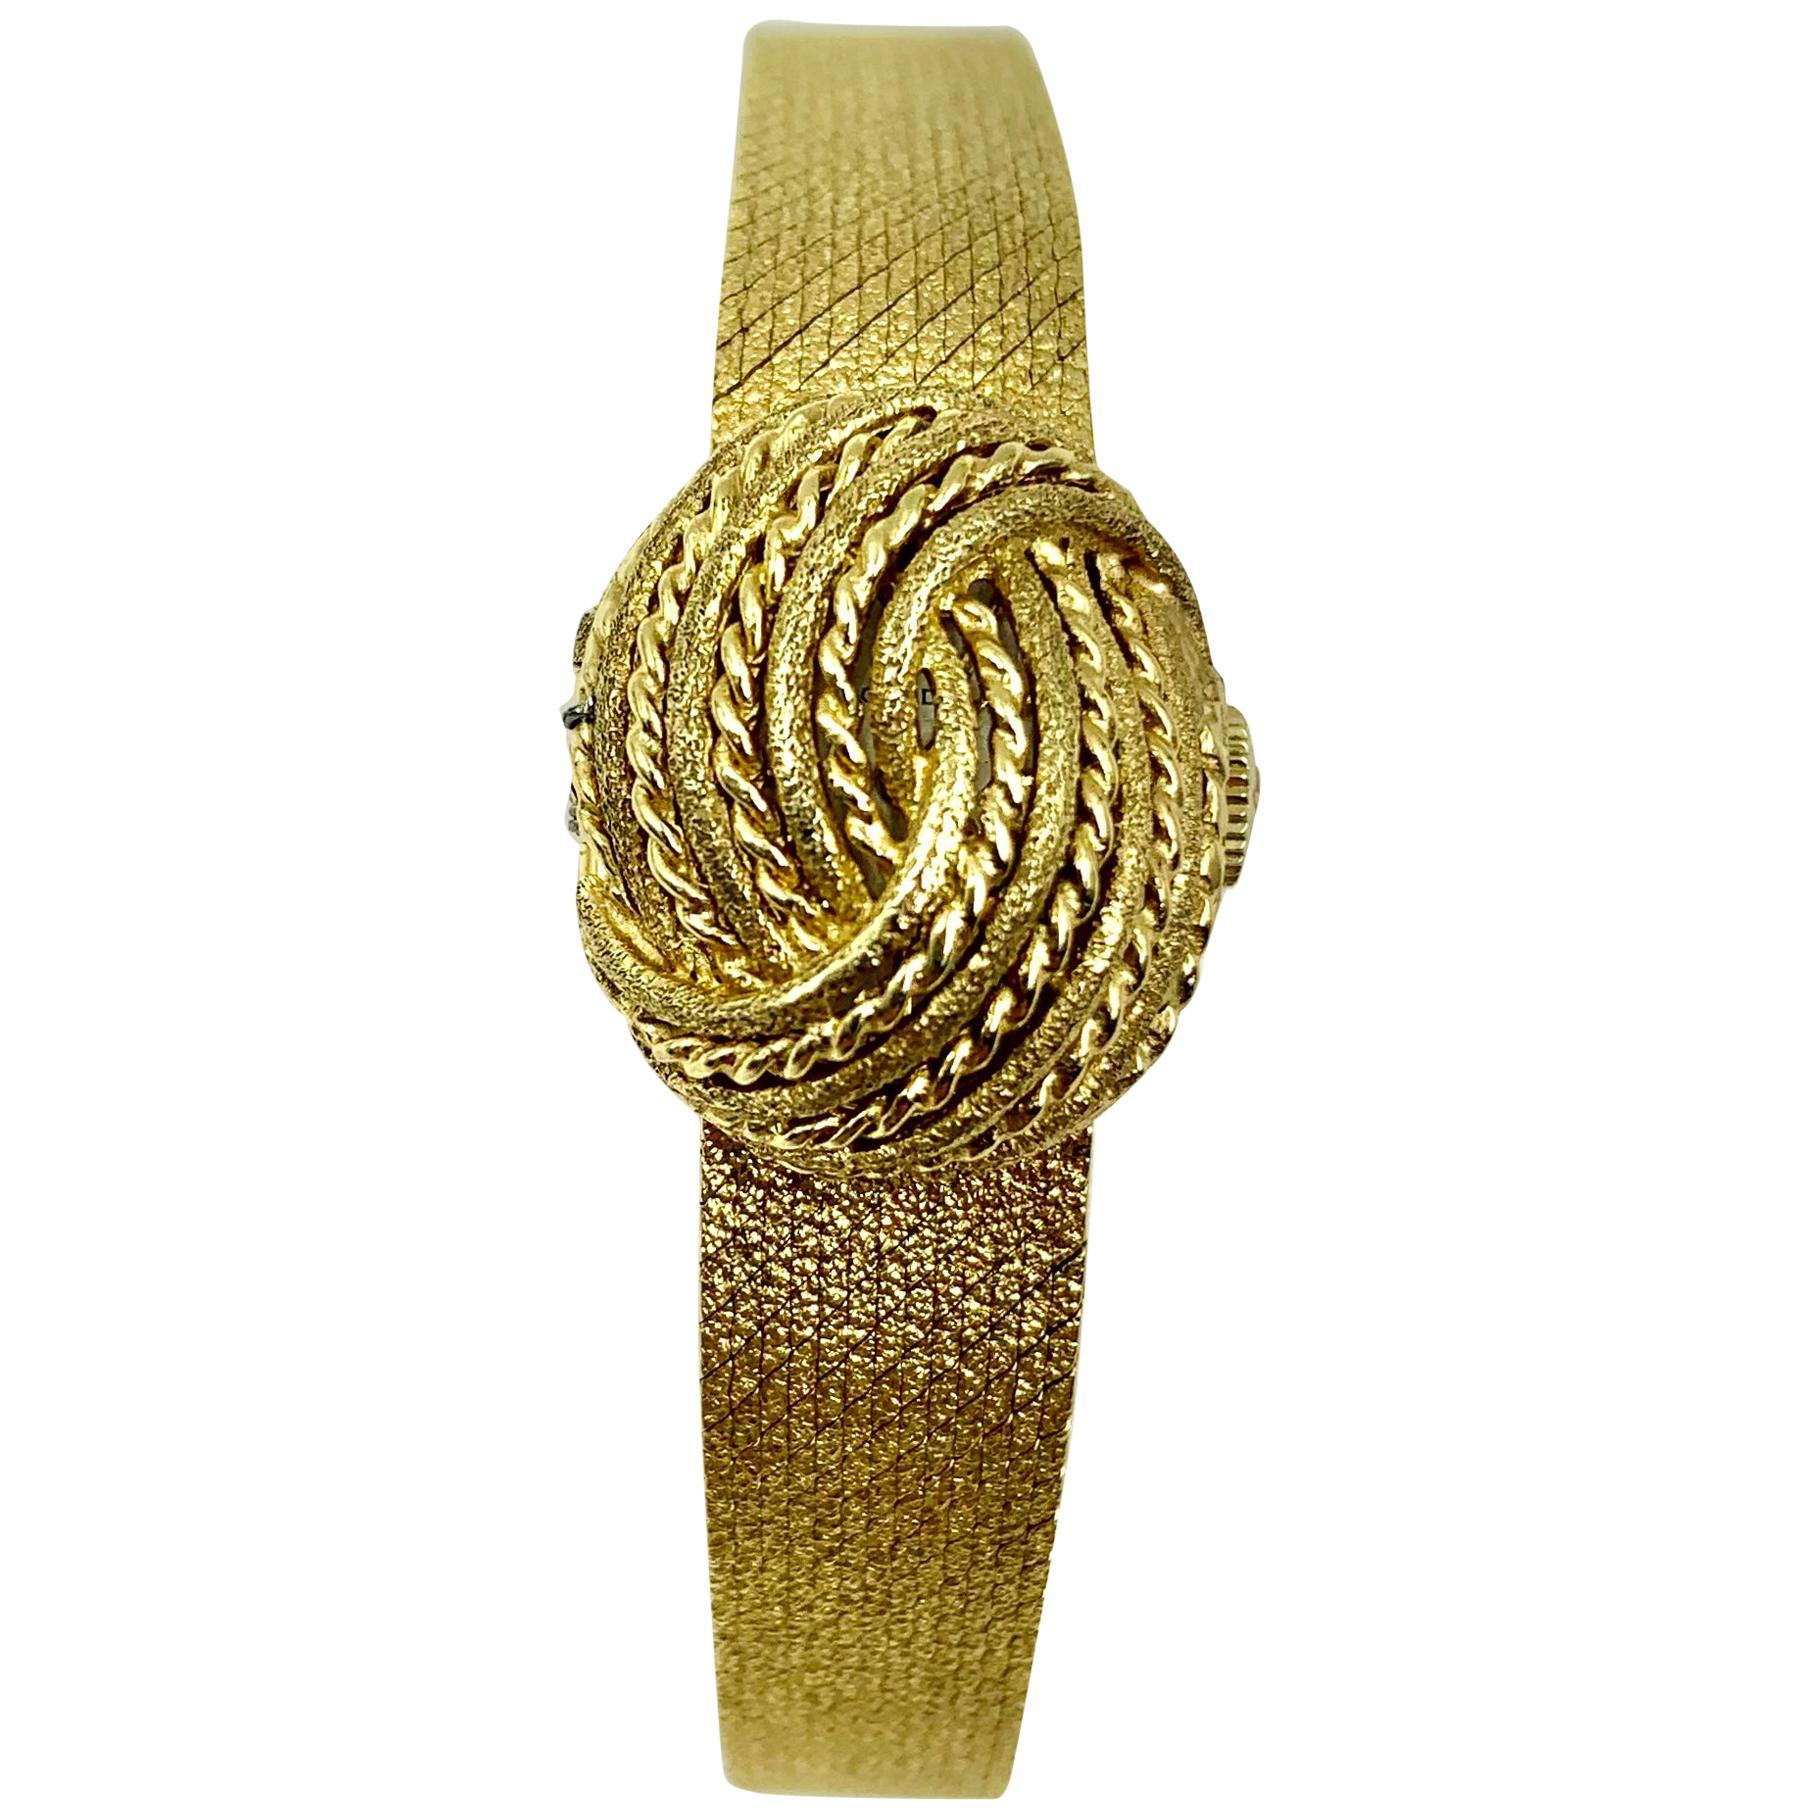 Vintage 1970s Movado Bracelet Watch, 14 Karat Textured Gold, Switzerland